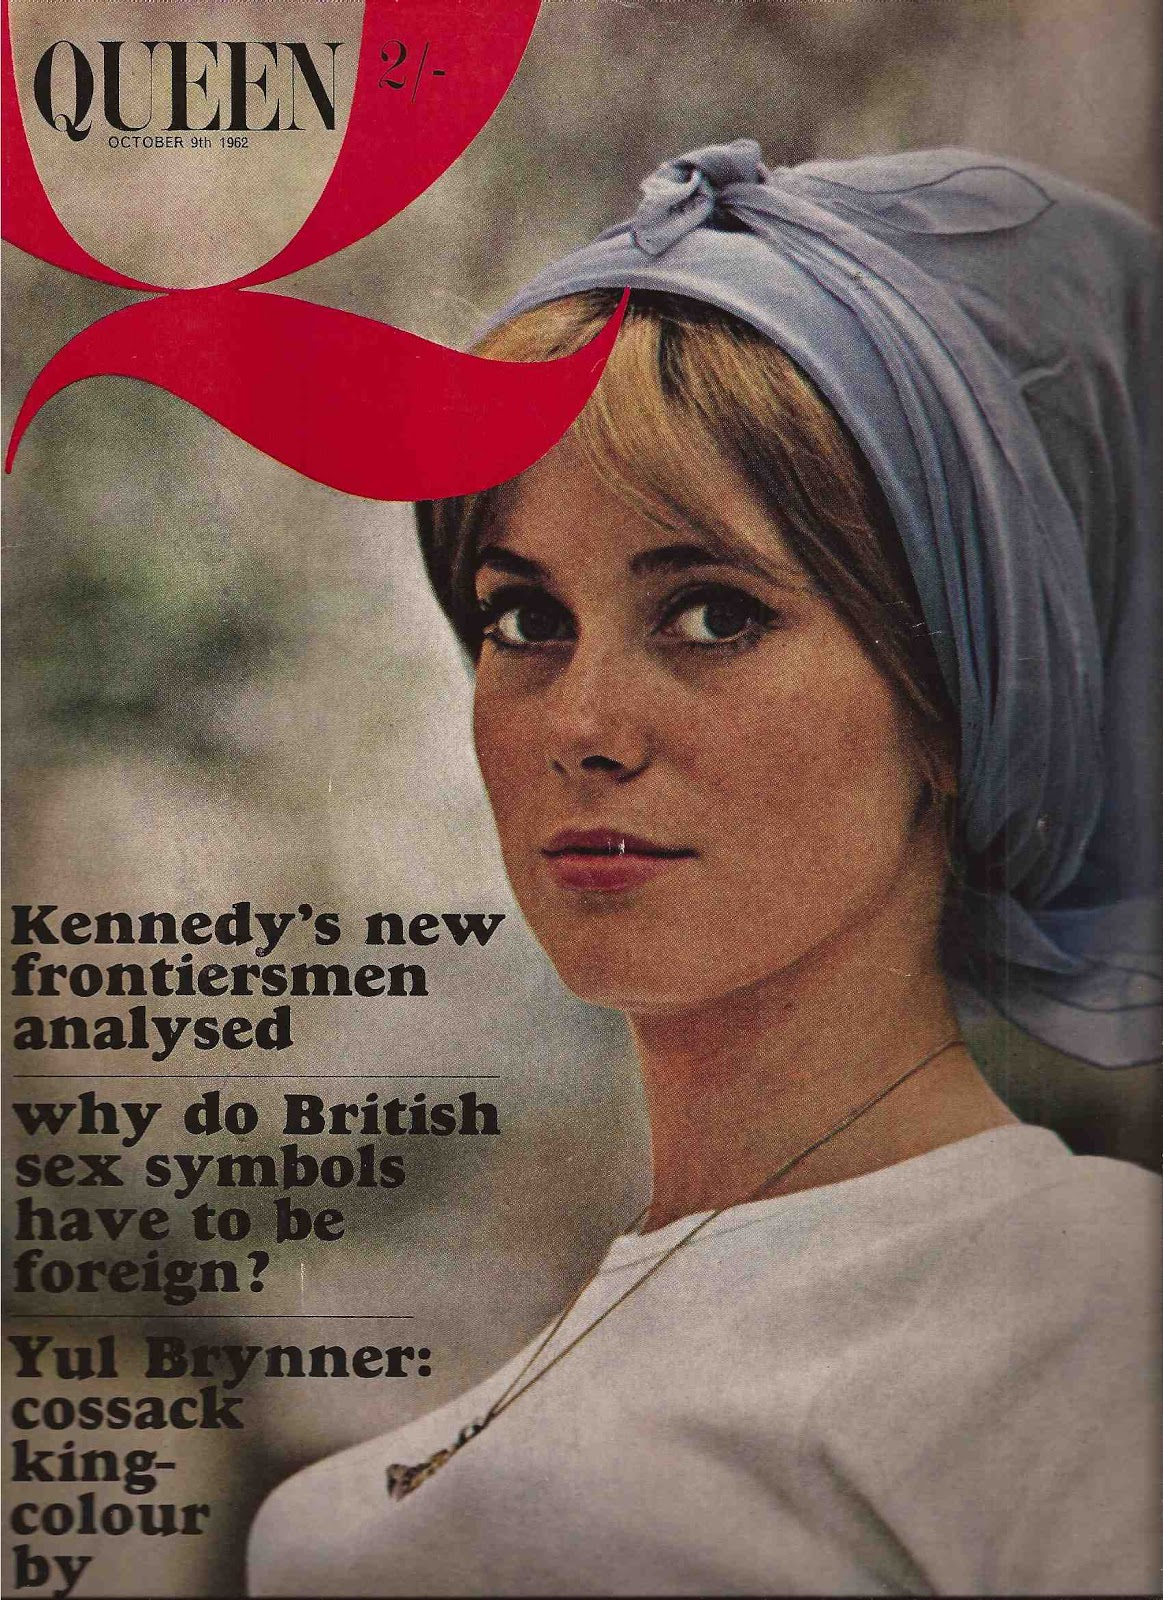 http://1.bp.blogspot.com/-XawY1cSHIEQ/UIt1jaWcNoI/AAAAAAAAJRE/qGjD0om2pdQ/s1600/Catherine+Deneuve+Queen+October+1962-1.jpg